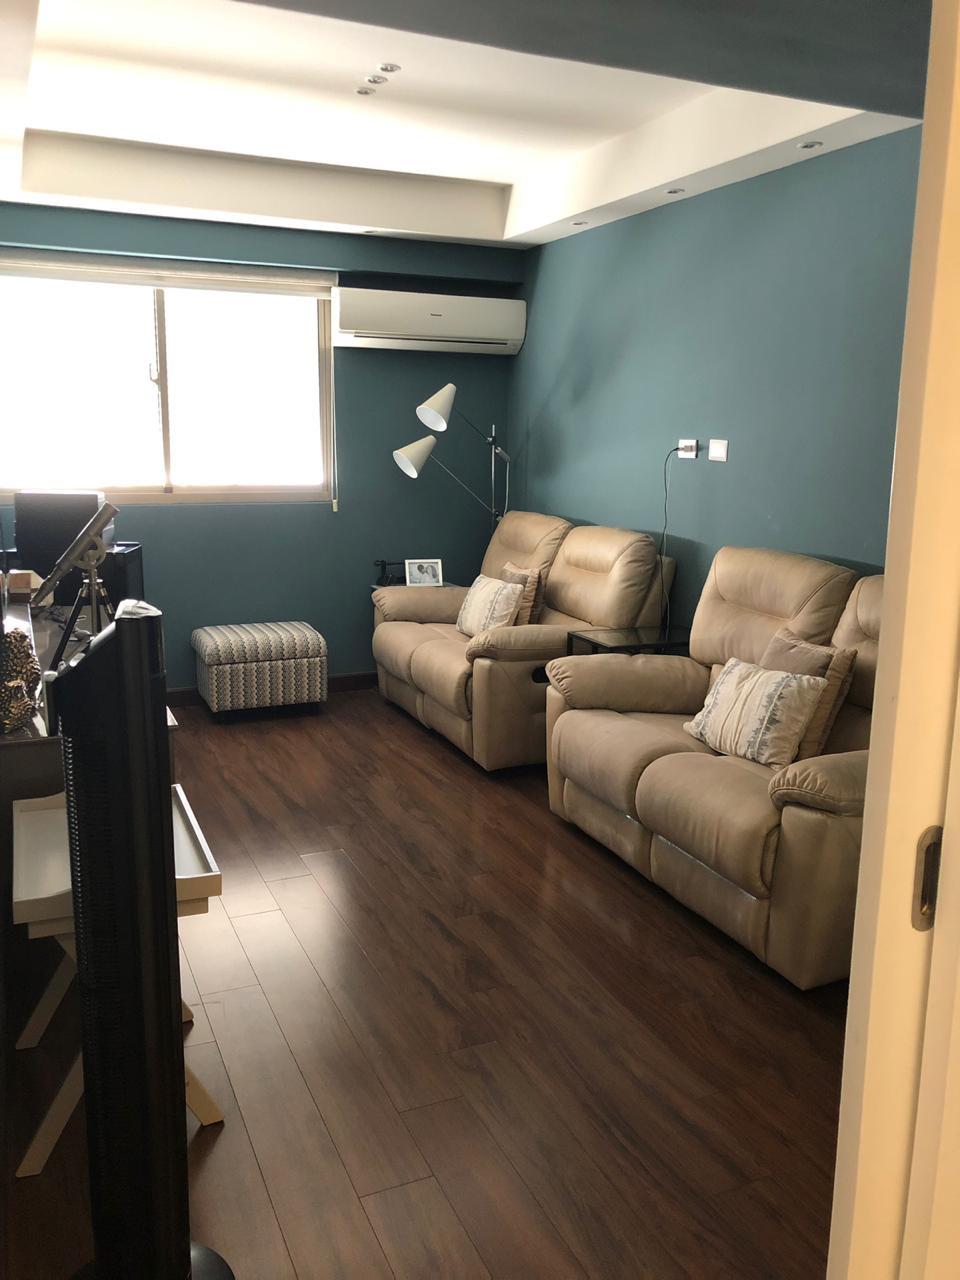 Apartamento en venta en el sector EVARISTO MORALES precio US$ 300,000.00 US$300,000